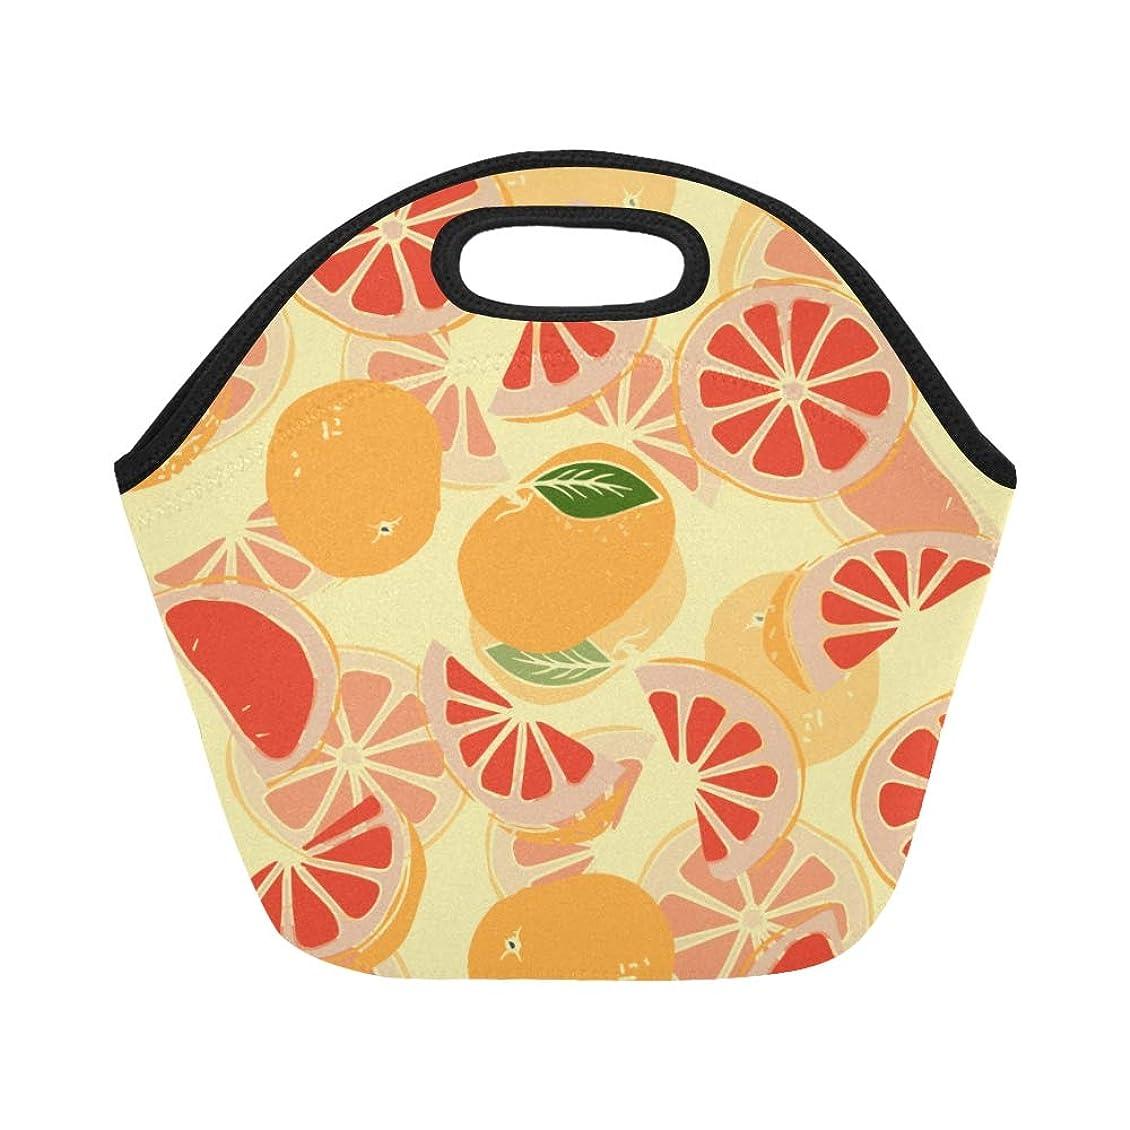 距離目に見える形式GXMAN ランチバッグ 栄養的なグレープフルーツ 弁当袋 お弁当入れ 保温保冷 トート 弁当バッグ 大容量 トートバッグ